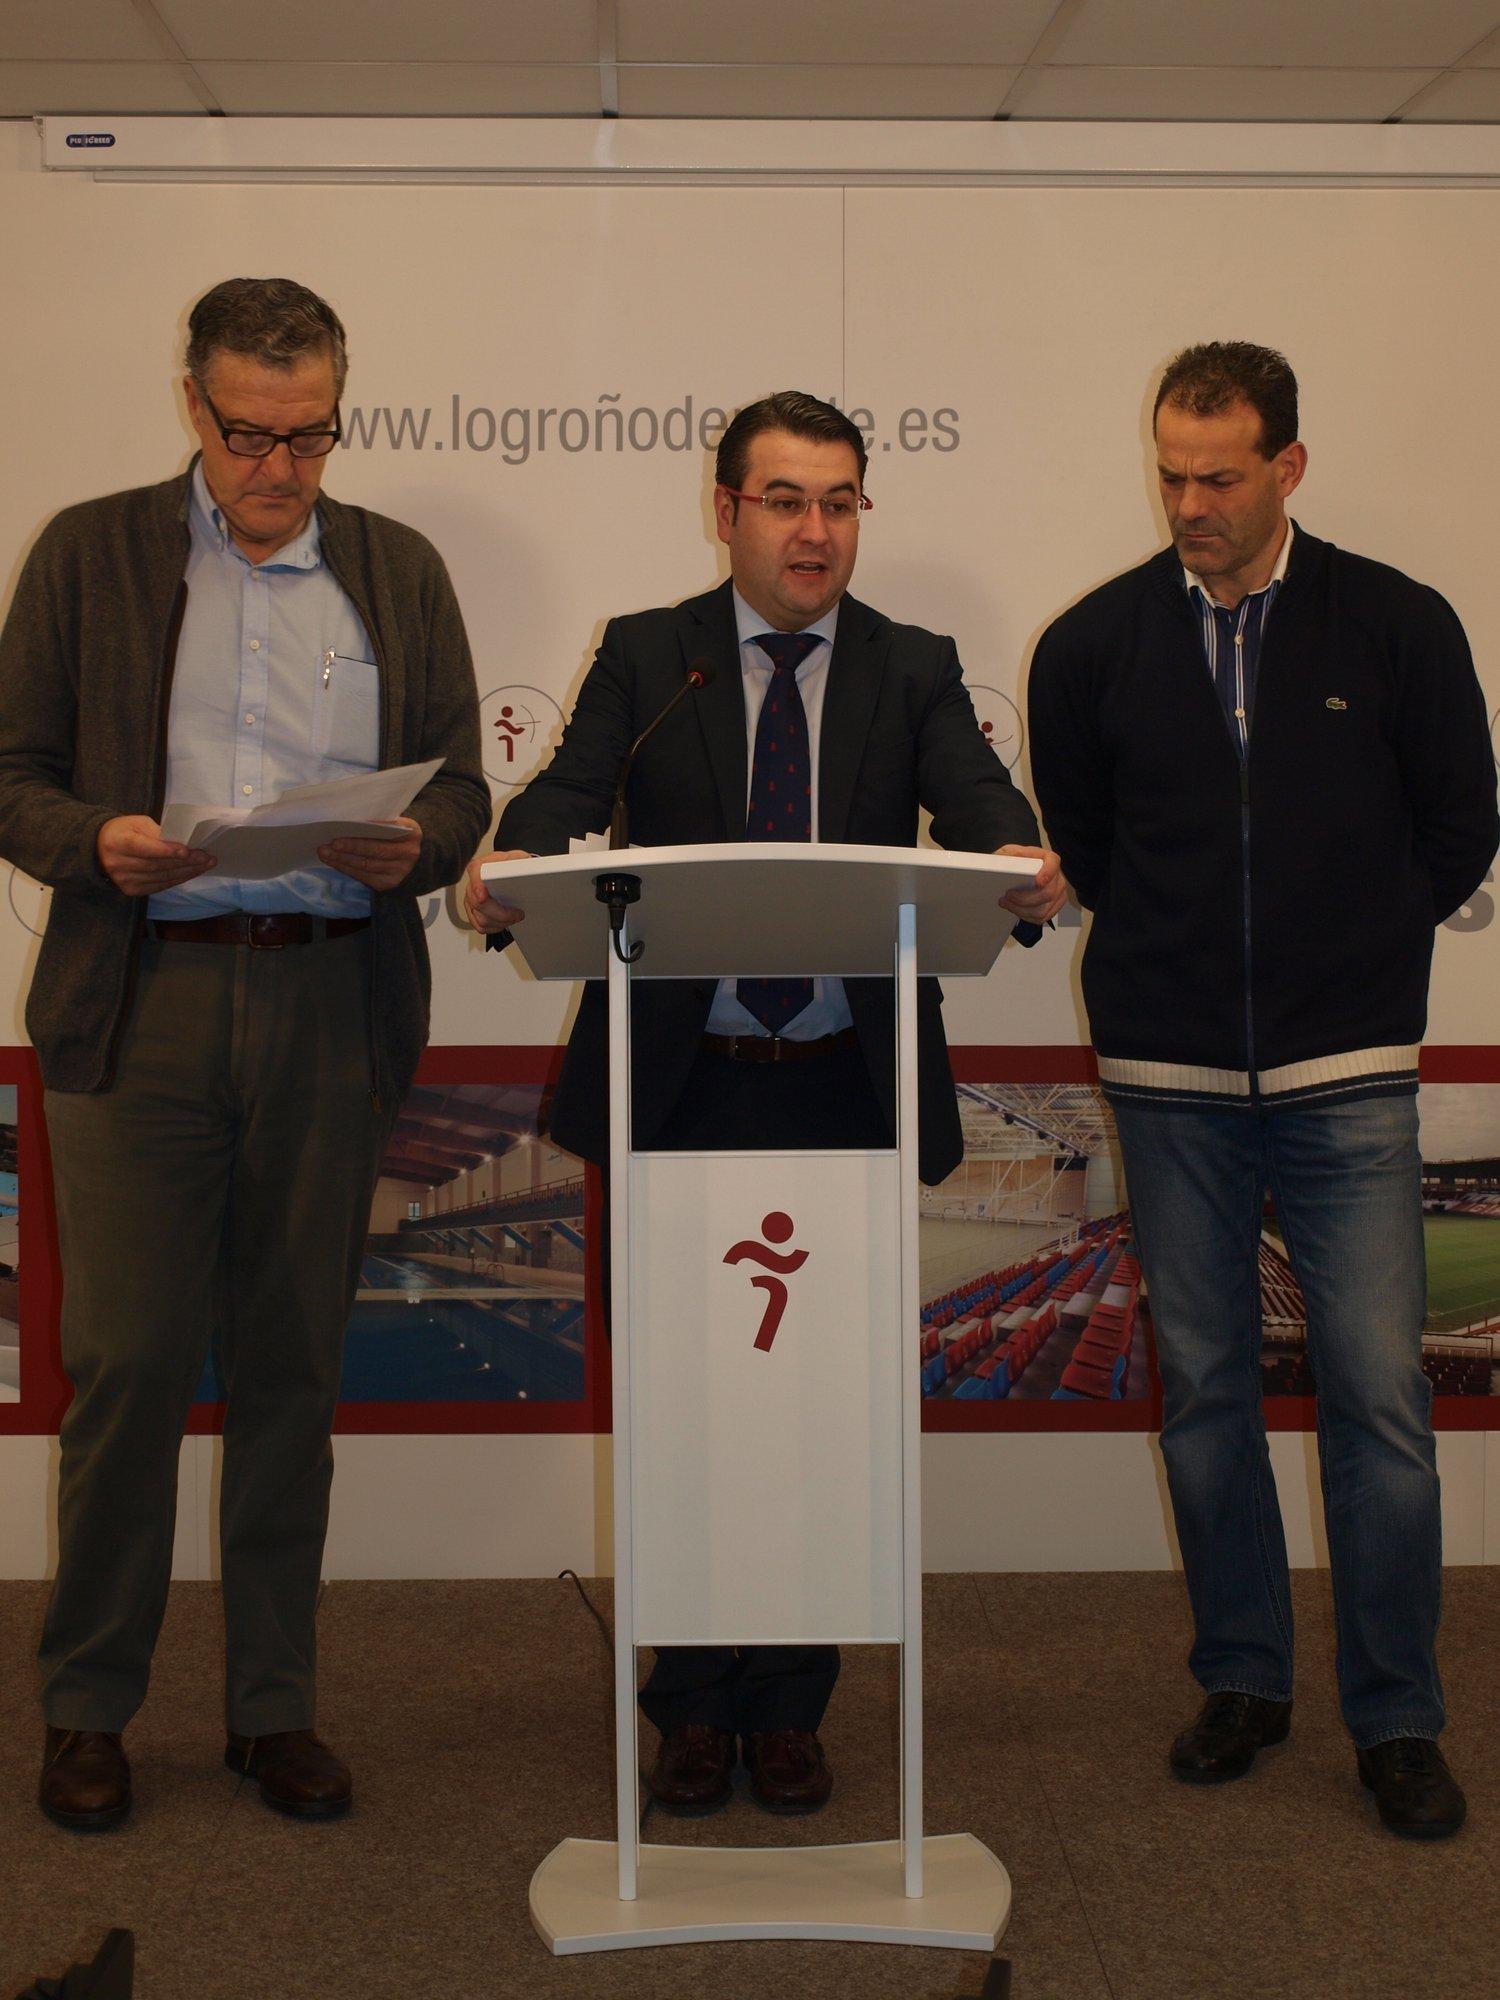 Logroño Deporte abre las inscripciones para 175 cursos programados en el primer cuatrimestre de 2013, con 2.113 plazas